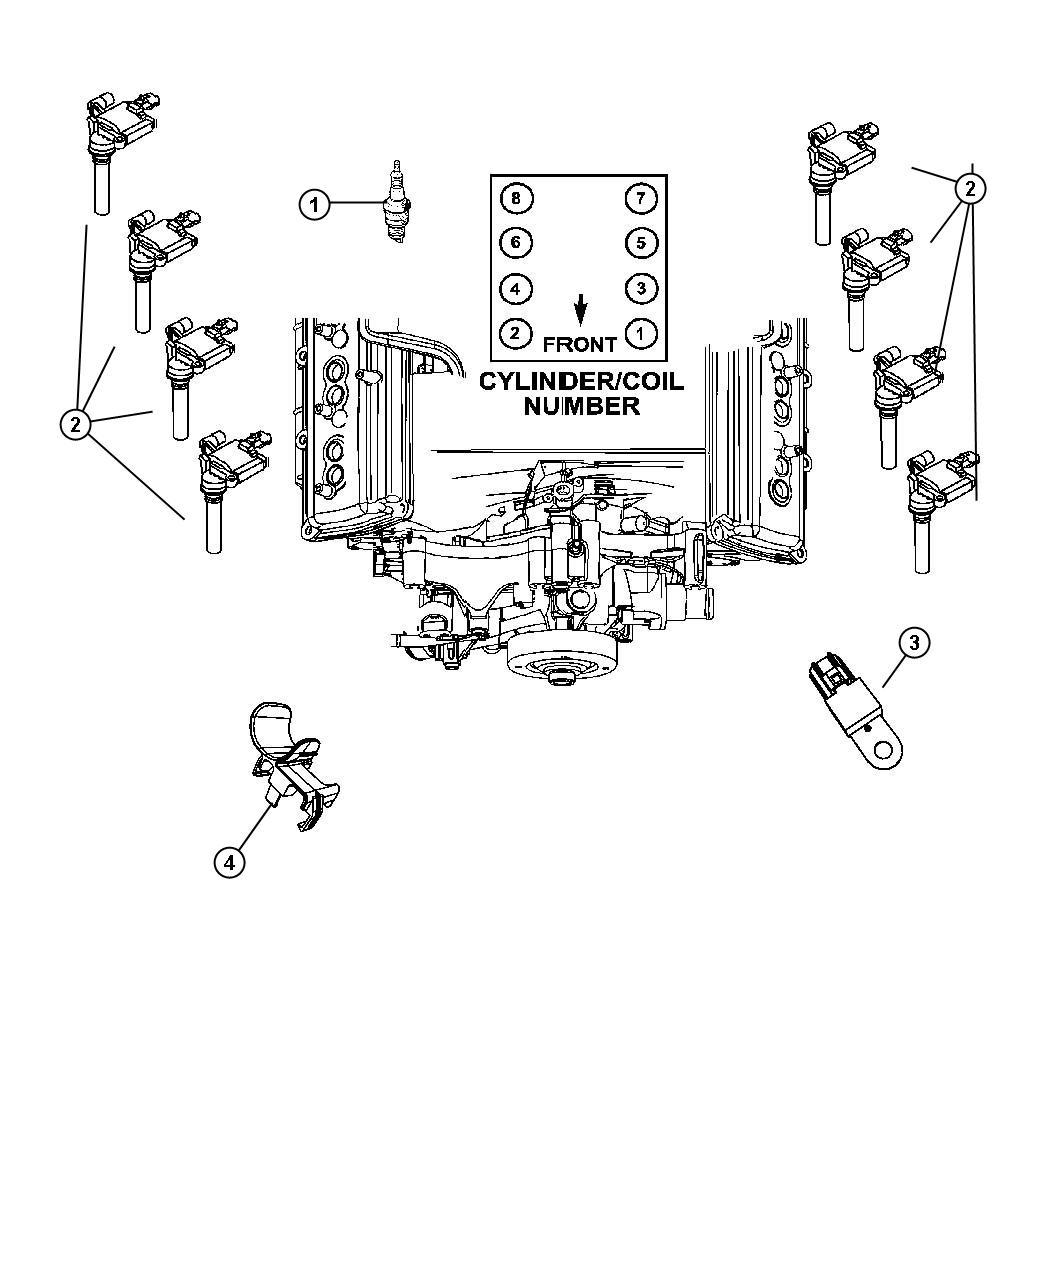 2008 Jeep Commander Spark plug. Plugs, engine, ignition